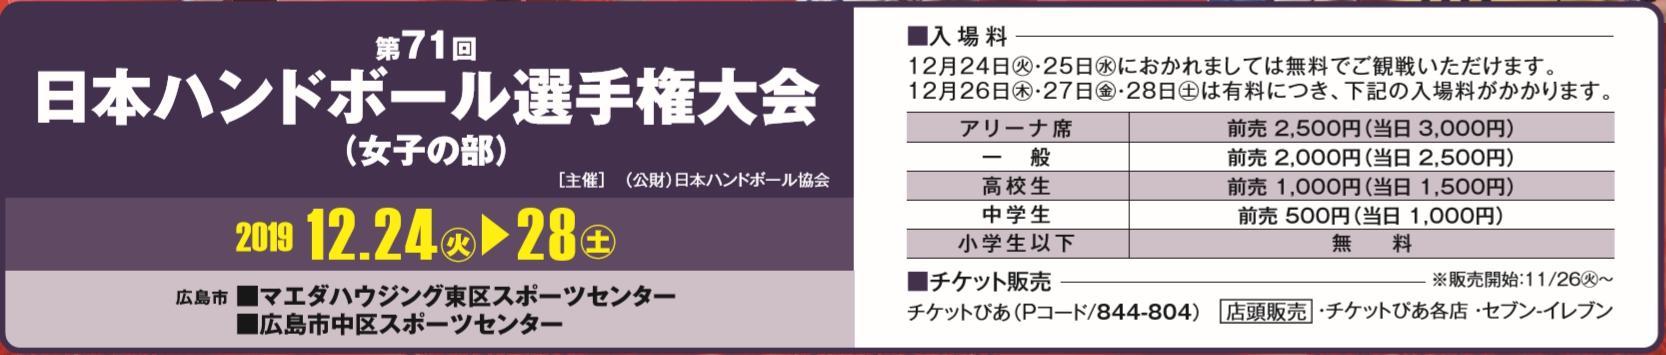 第71回日本選手権大会の組み合わせが決定しました。 イメージ